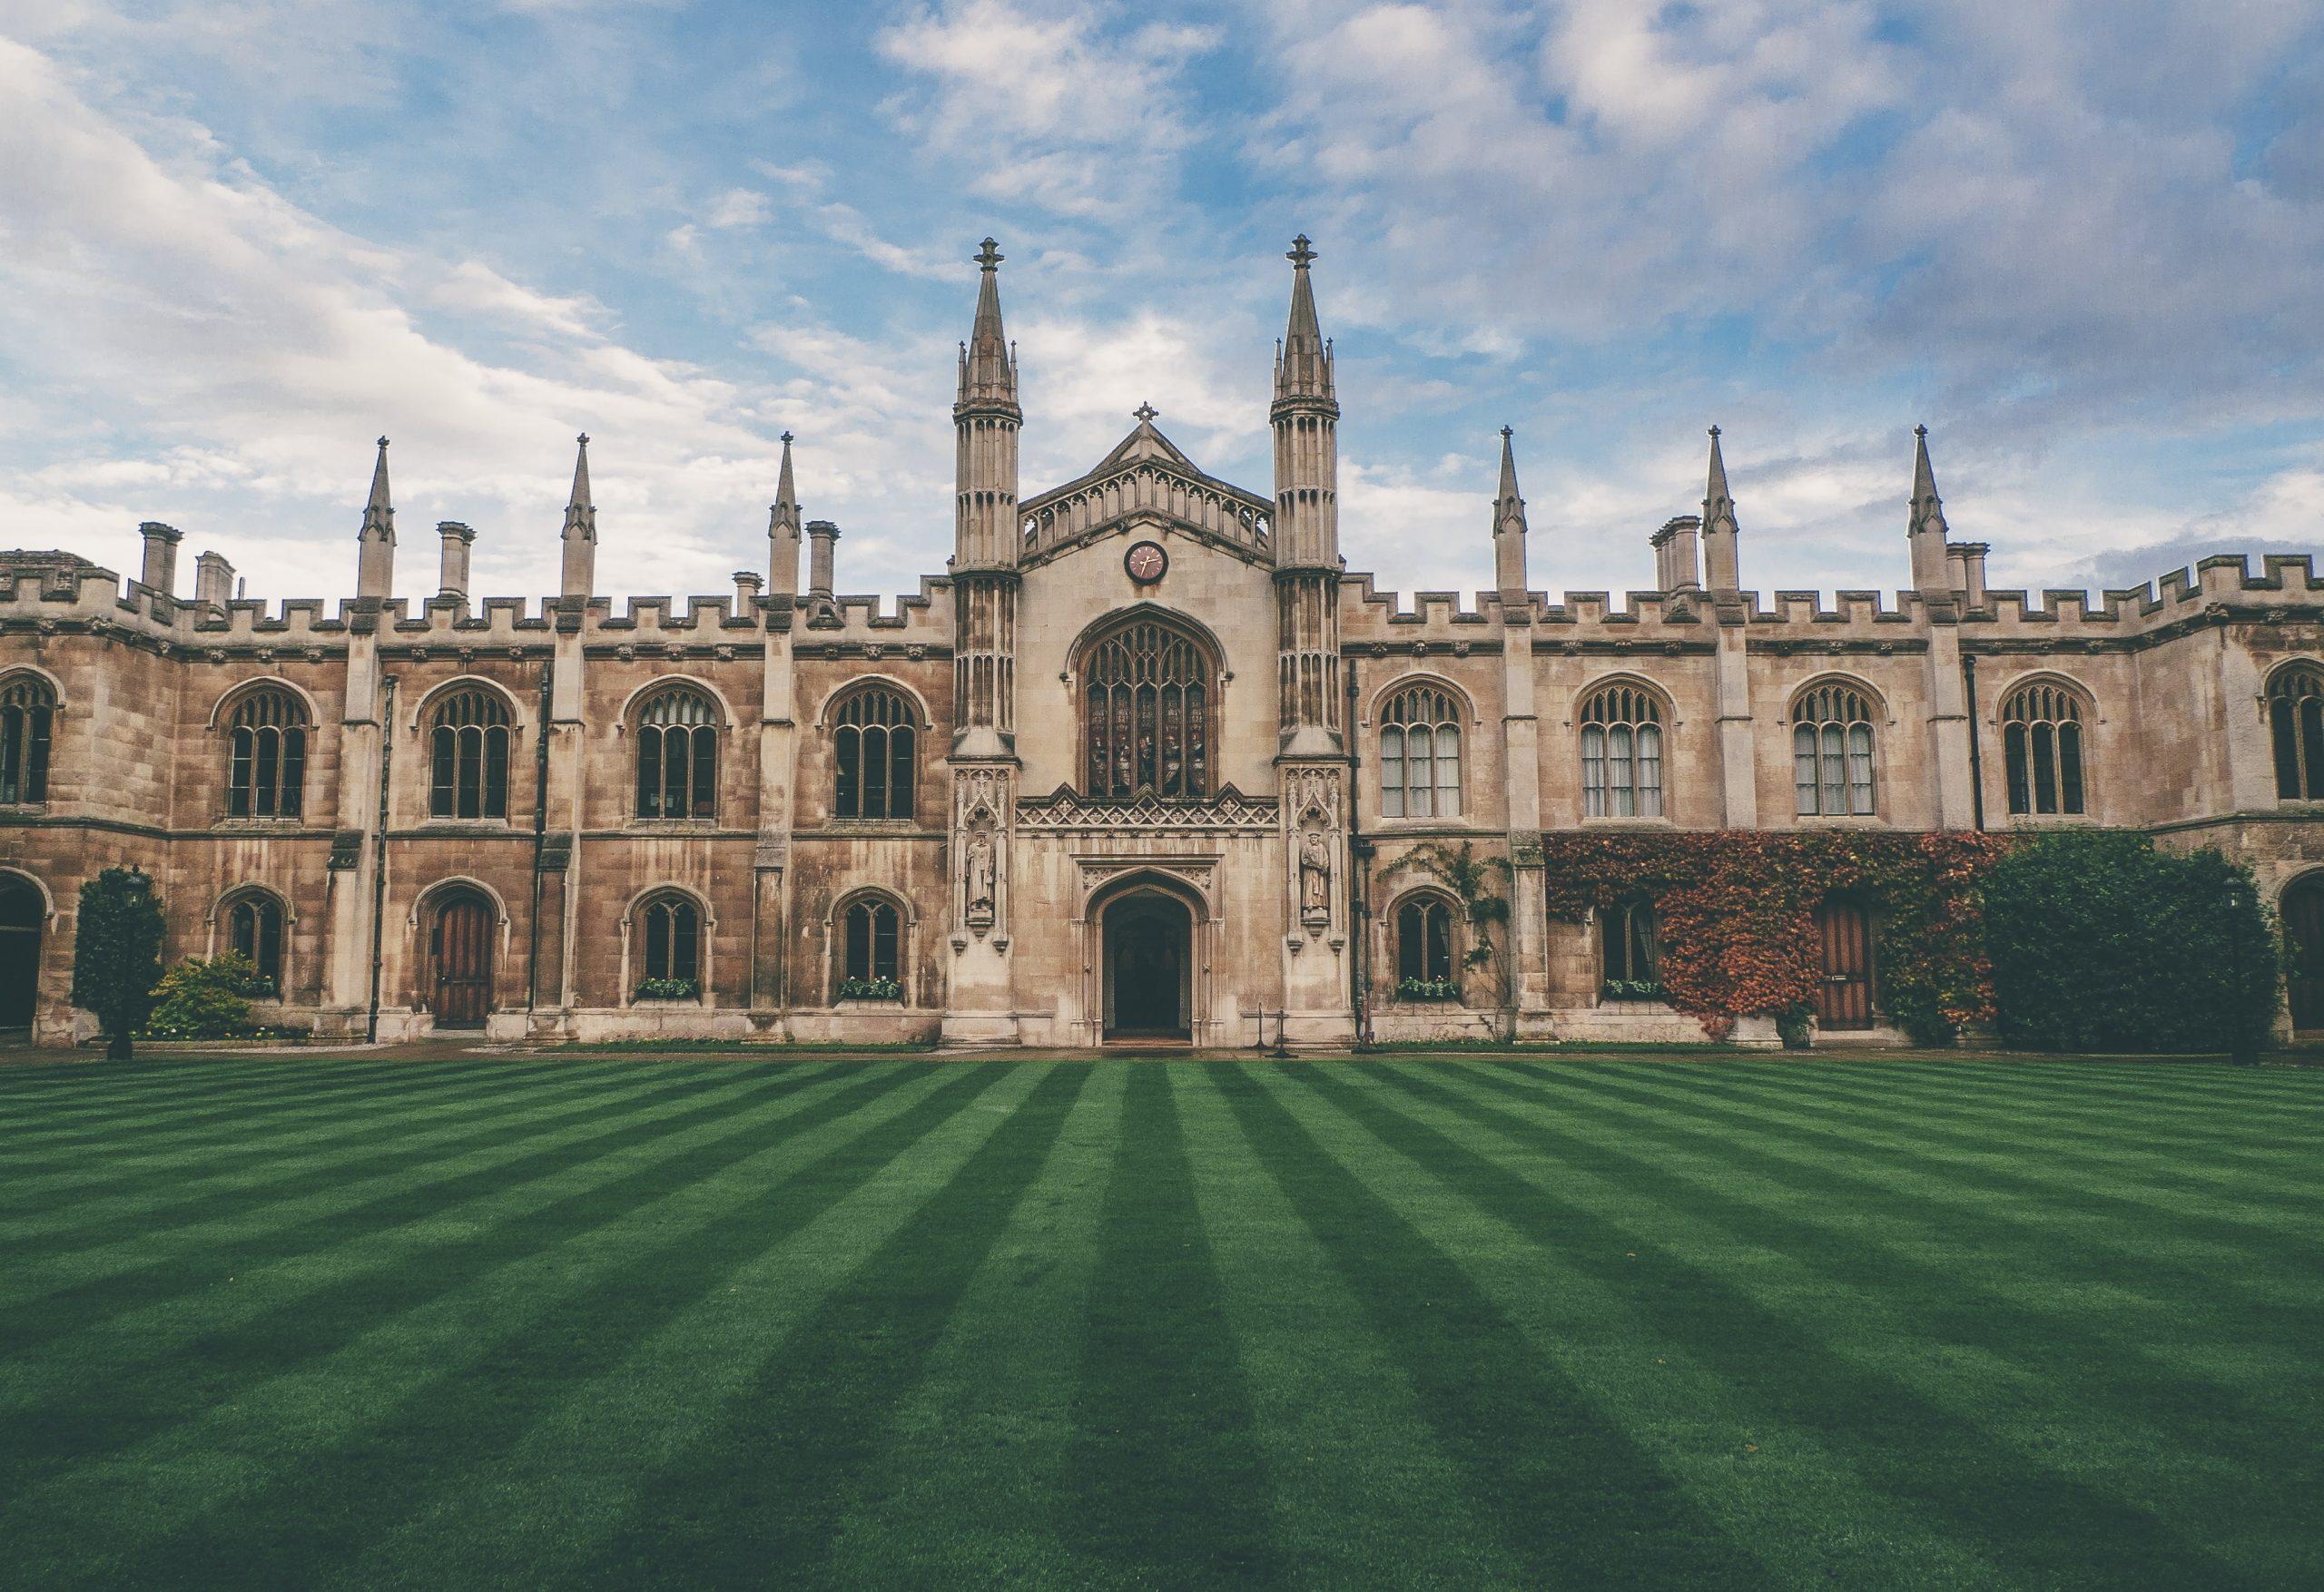 Private Tuition, Private Education